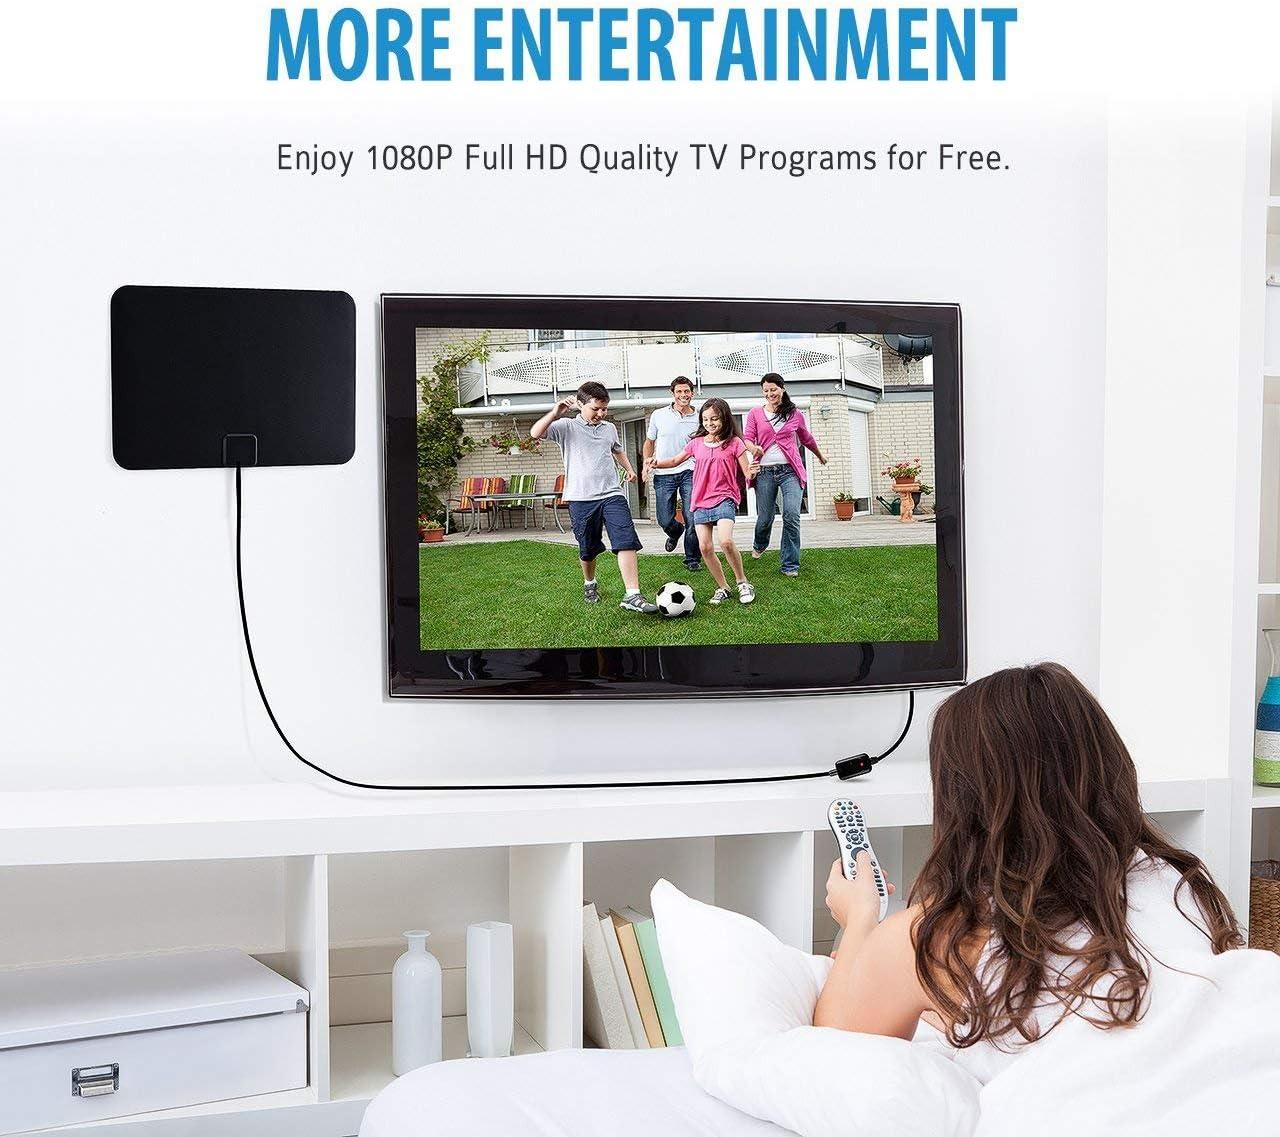 Antena Interior de TV, Antena TDT HDTV Portatil Amplificador VicTsing, Obtenga canales TV gratis, Mayor Rango de Recepción 40KM, Fácil de usar y instalar, 3M Cables de Alto Rendimiento-Negro: Amazon.es: Electrónica